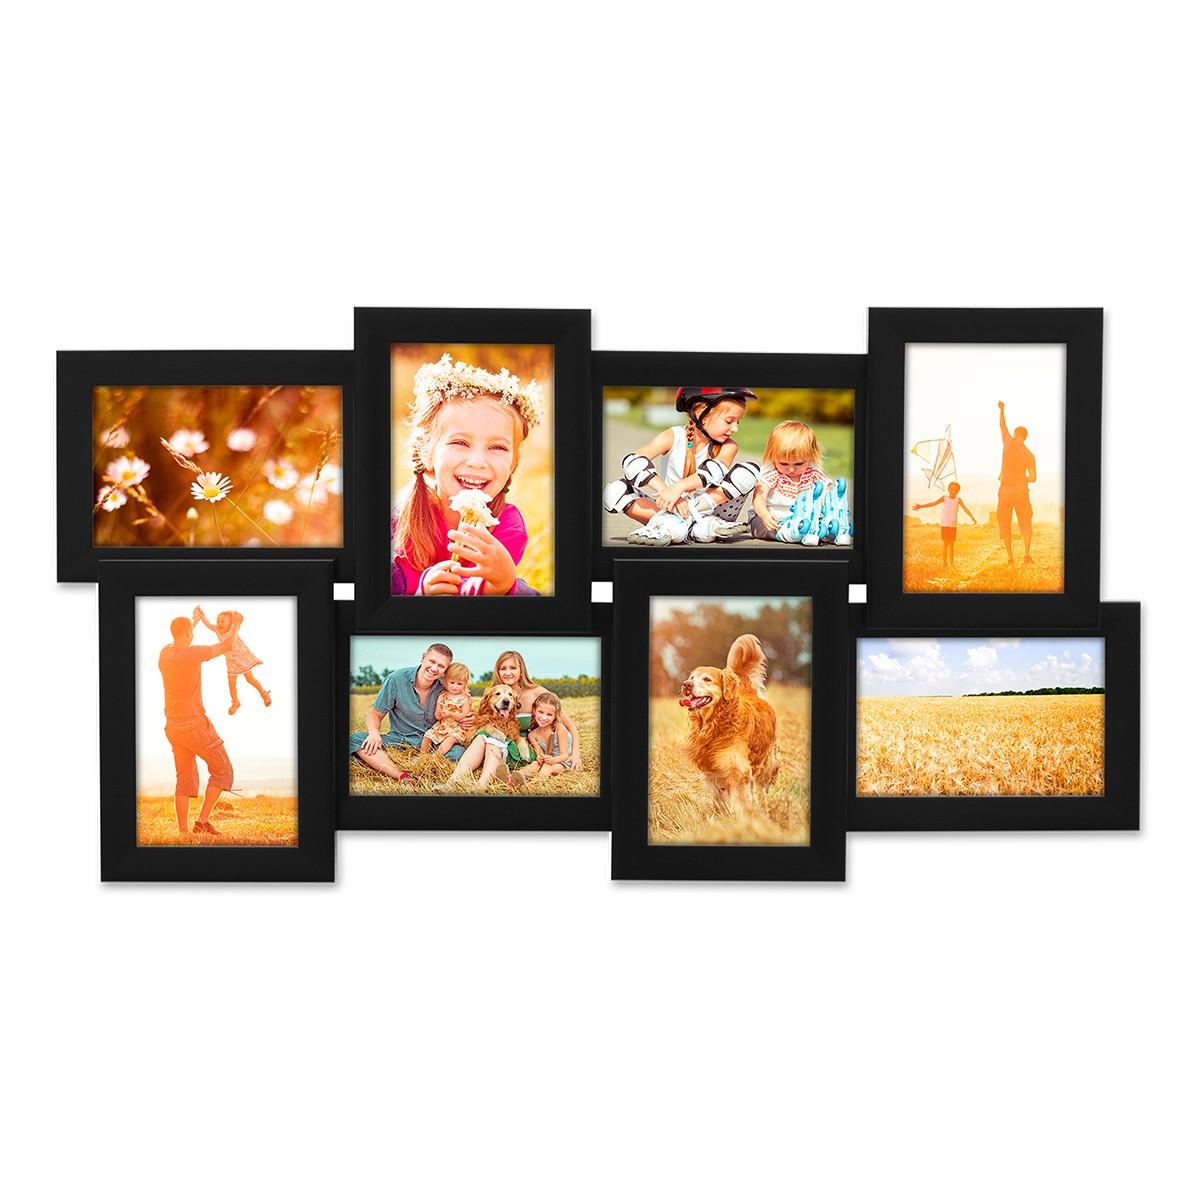 mehrfach bilderrahmen collage rahmen f r 8 bilder 10x15 cm modern schwarz weiss ebay. Black Bedroom Furniture Sets. Home Design Ideas